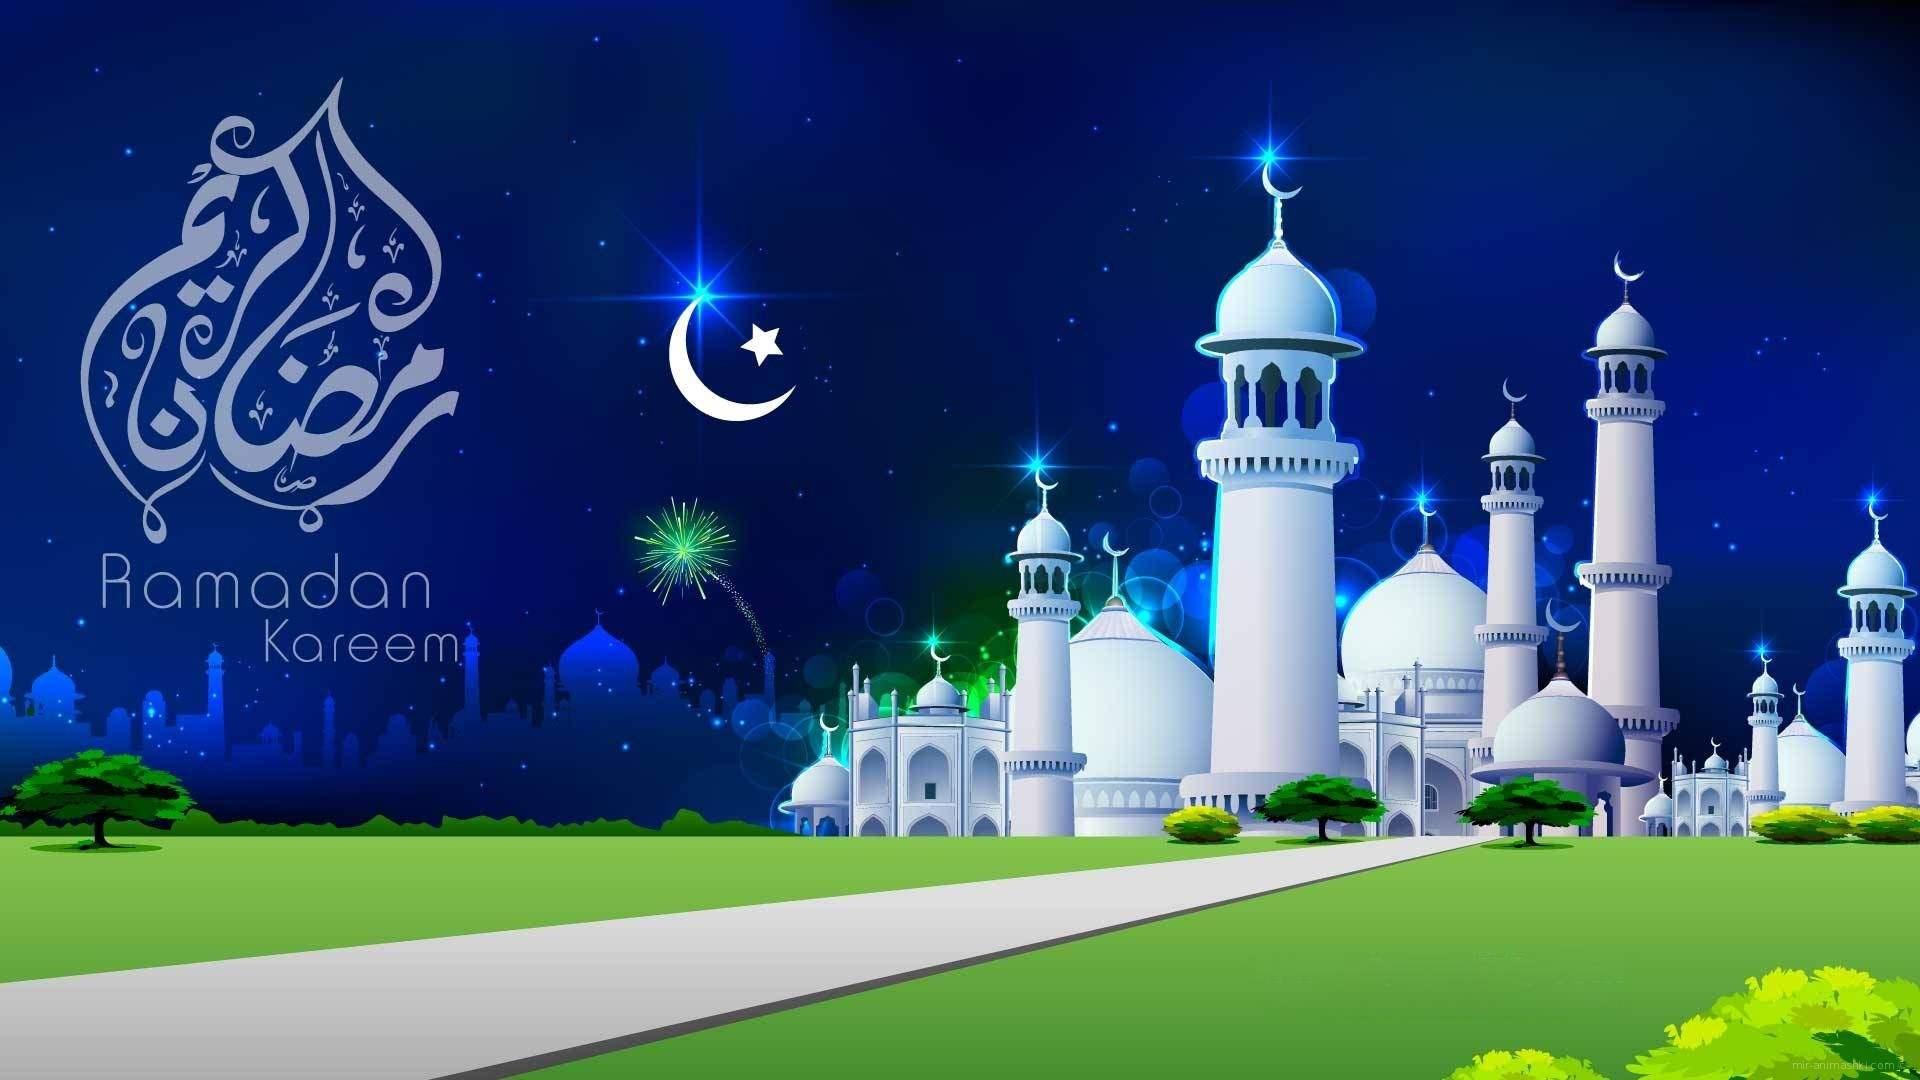 Ramadan - Ураза-байрам -  Ид аль-Фитр поздравительные картинки